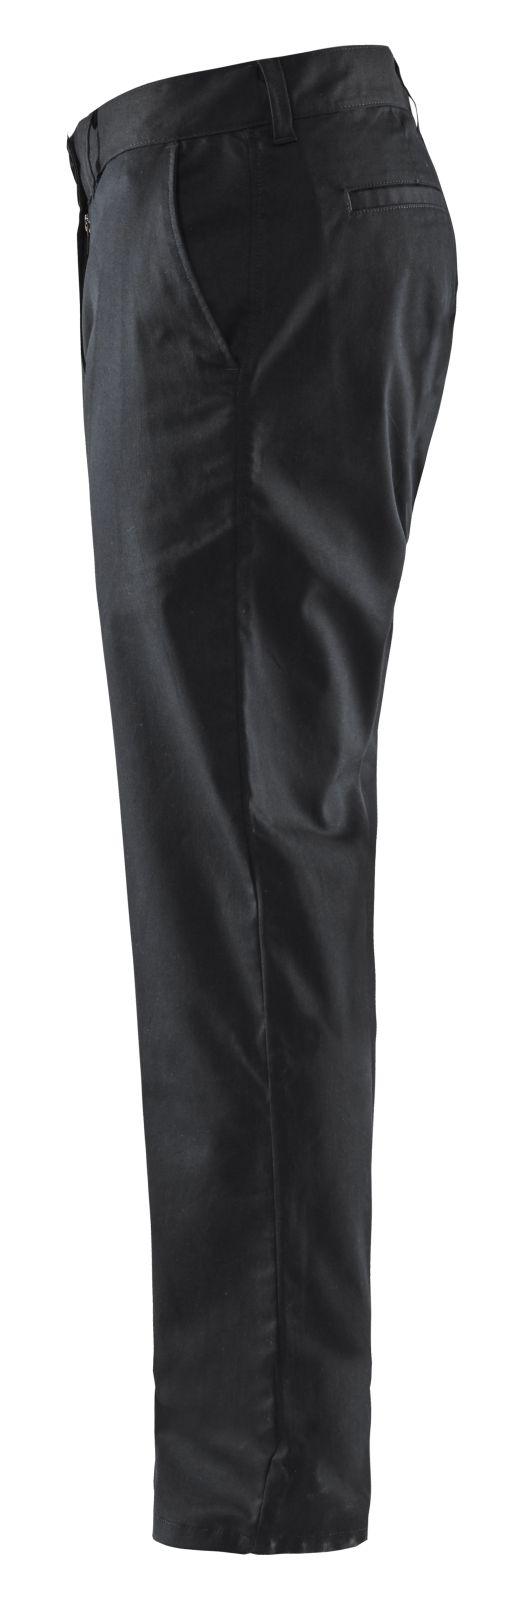 Blaklader Broeken 14651830 Chino Stretch zwart(9900)